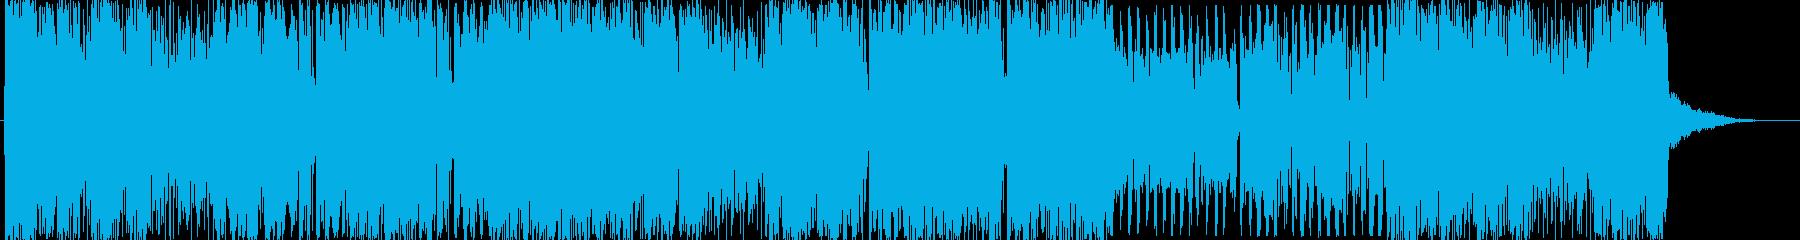 とにかく激しいエレクトロな曲ハーフverの再生済みの波形